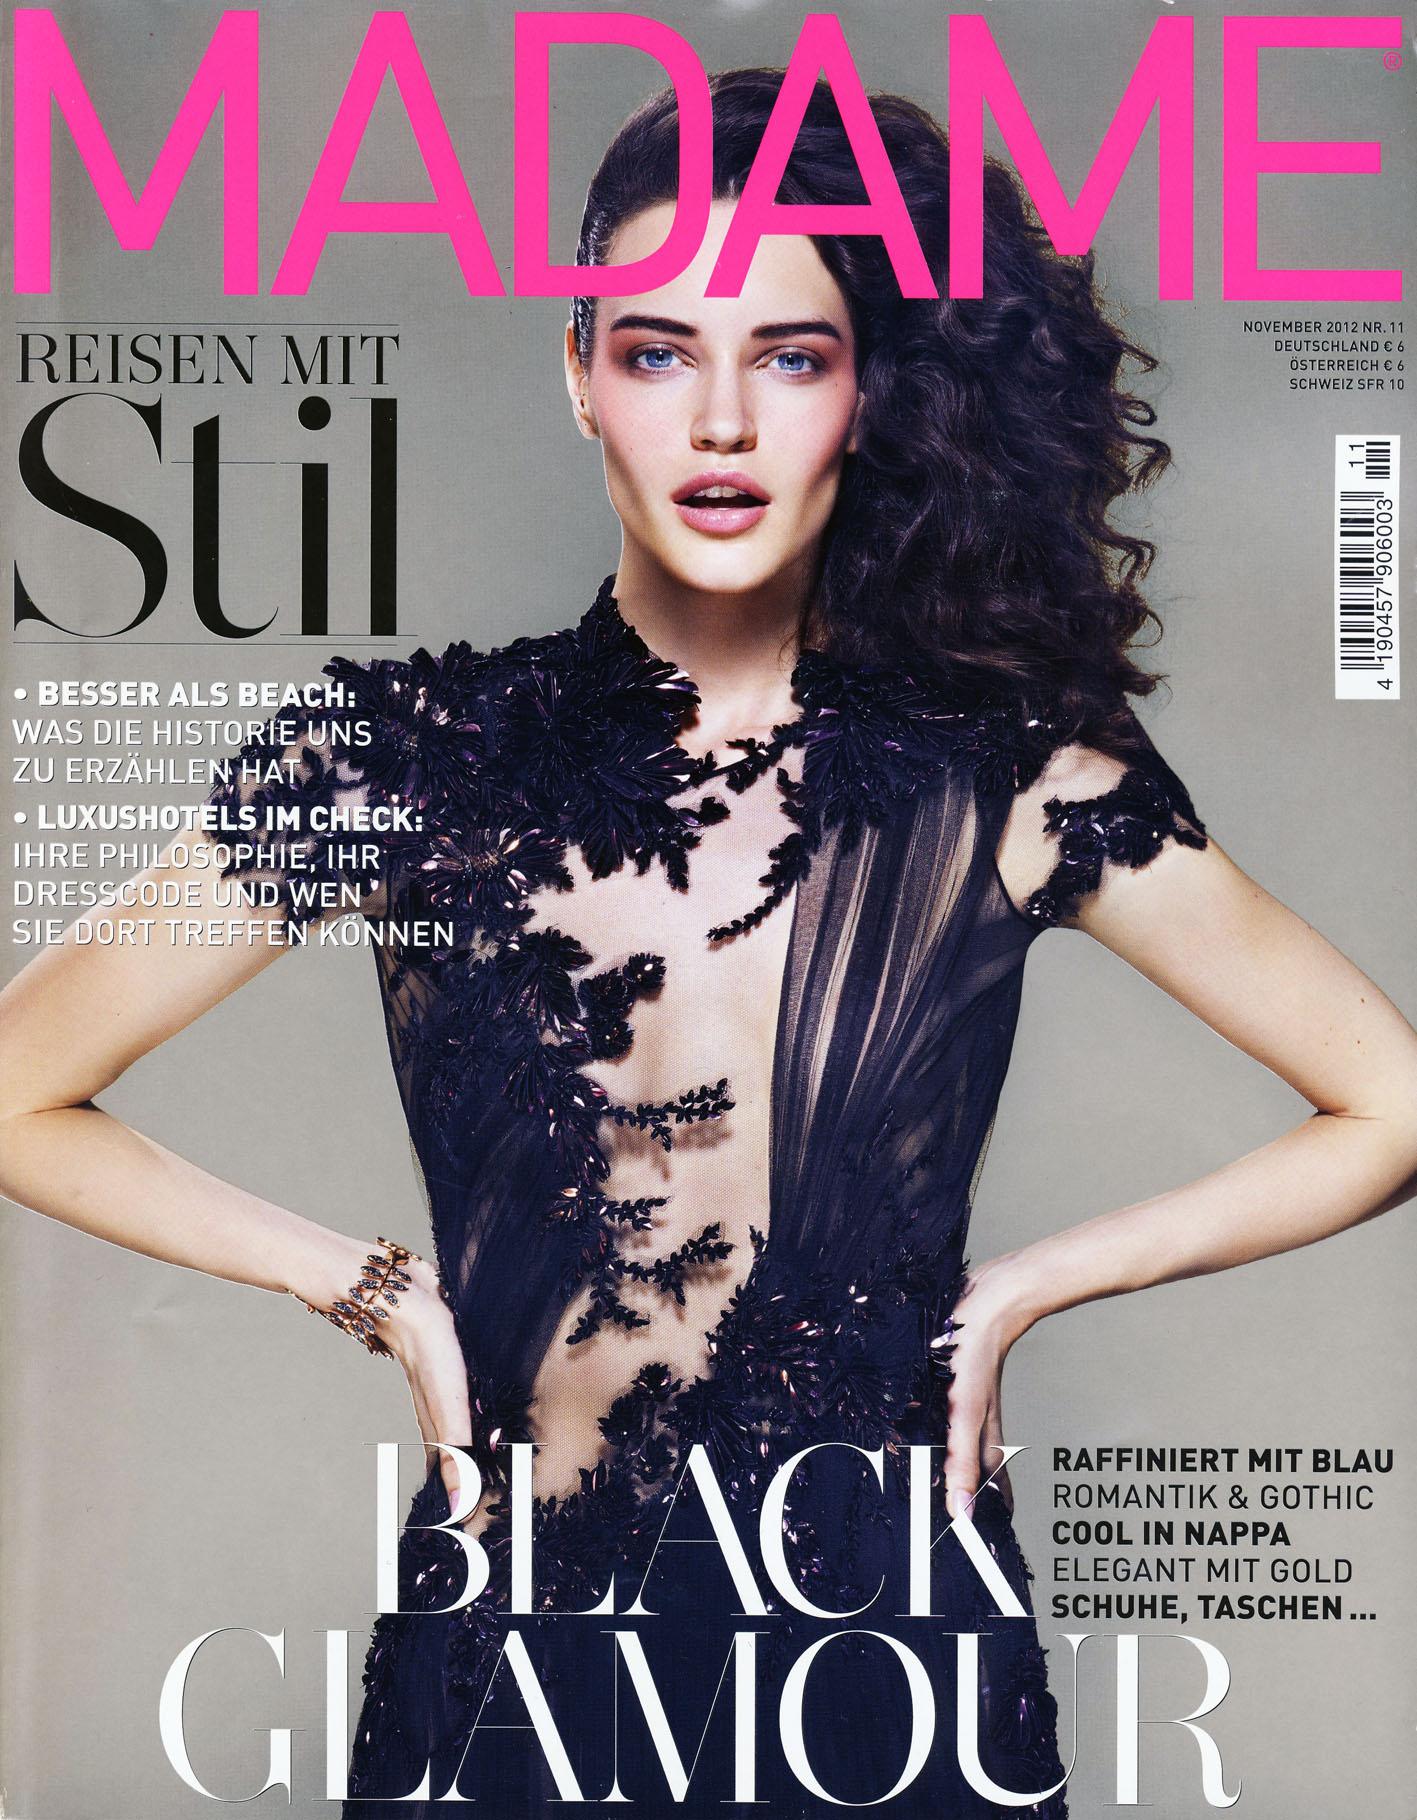 MADAME - 4 Ausgaben des Fashion-Magazin für 3€ (statt 6€ pro Ausgabe) durch 15€ Zalando-Gutschein